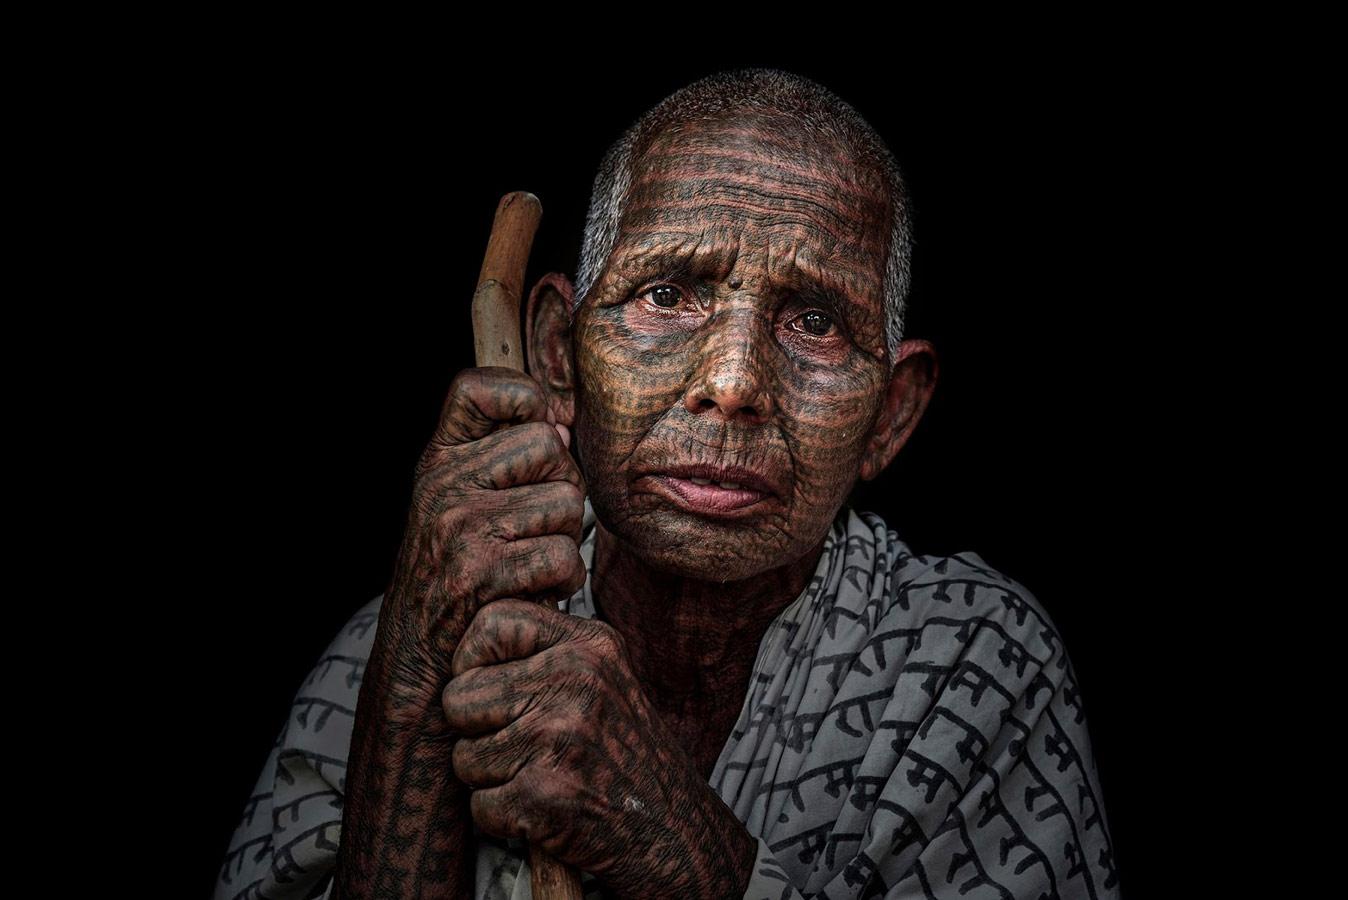 © Дебдатта Чакраборти, Победитель IV премии Халона Анхеля 2018 года, жанр «Портрет», Конкурс фотографий Халона Анхеля — Jalon Angel Photography Awards